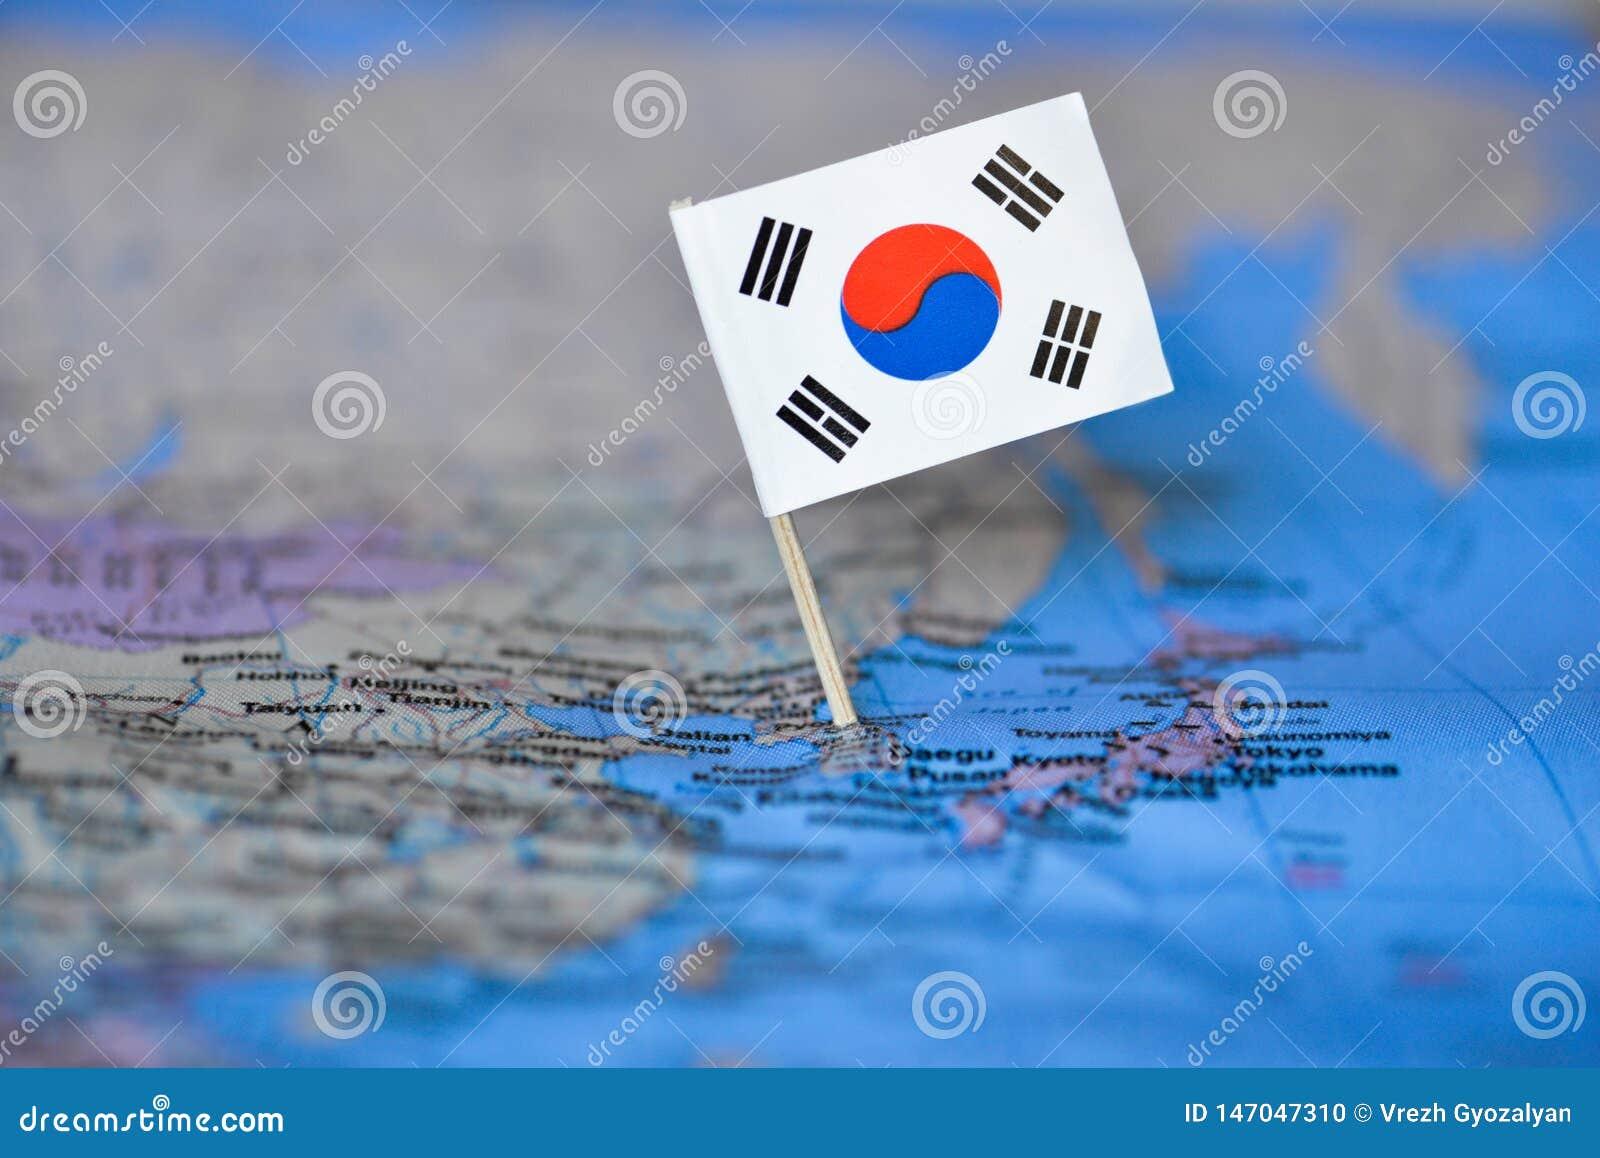 Χάρτης με τη σημαία της Νότιας Κορέας